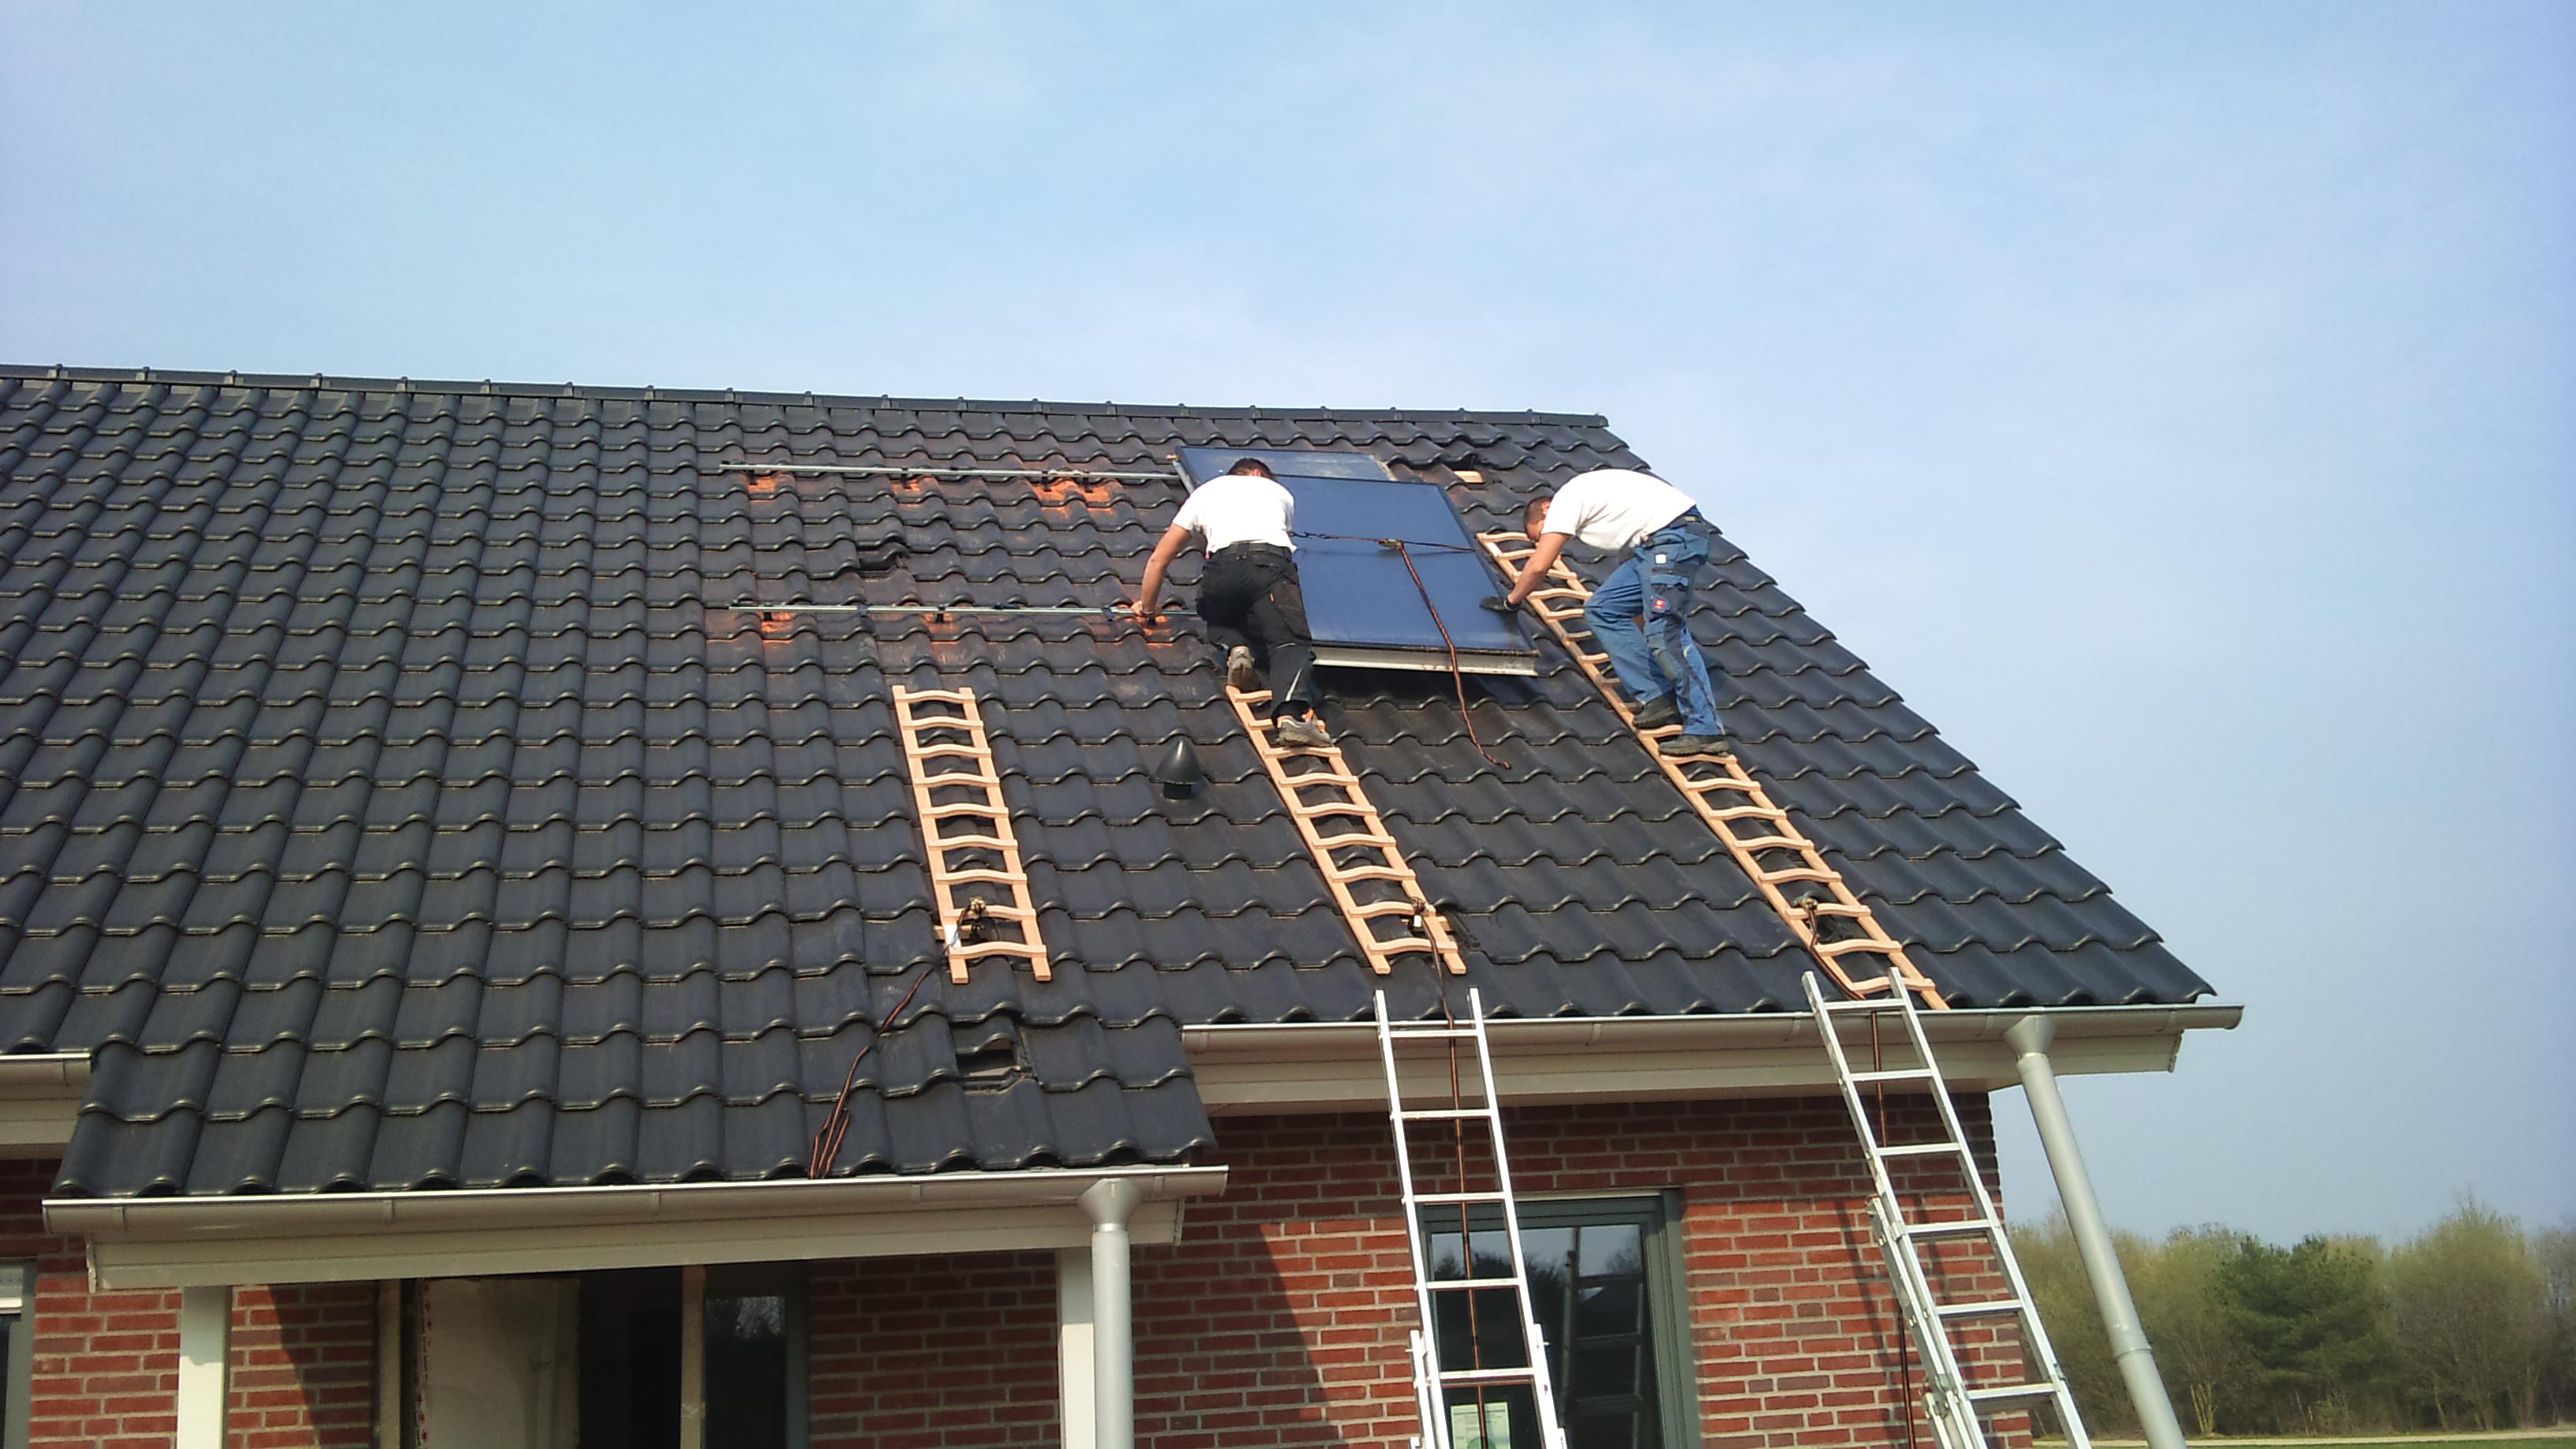 die nächste Solarzelle wird angebracht